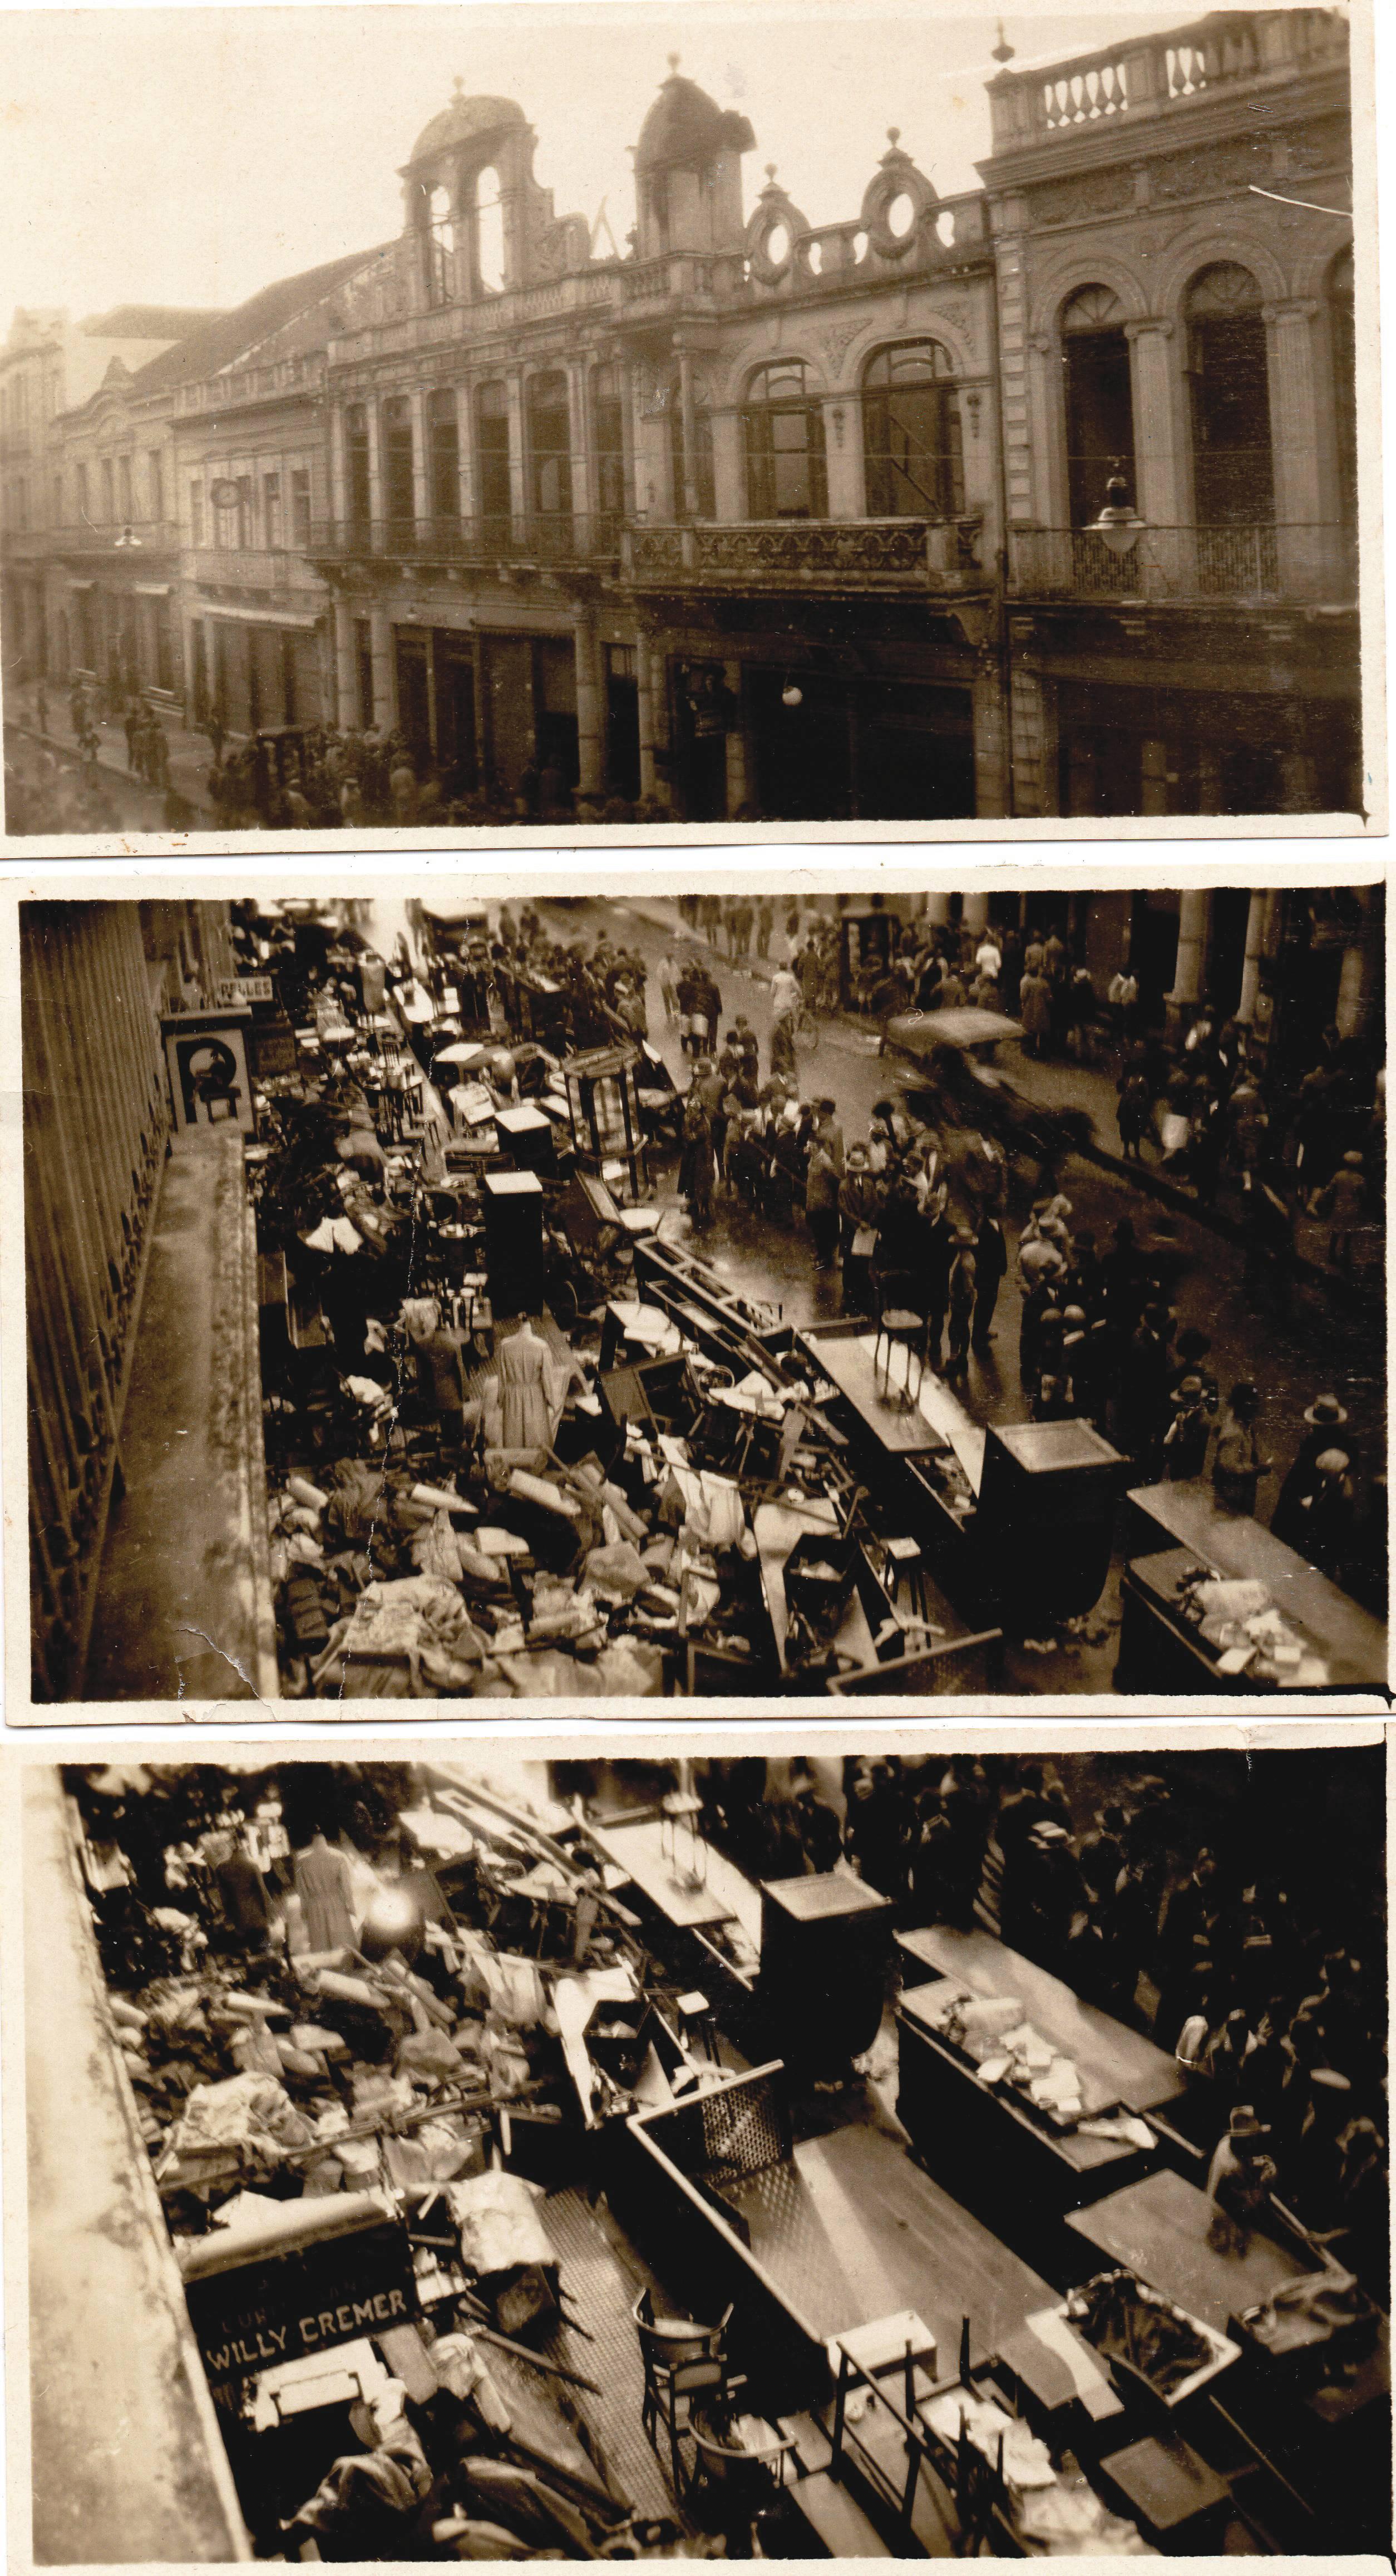 Fotos do incêndio em frente à floricultura Cremer, na Rua XV, em 1930, na Rua XV.